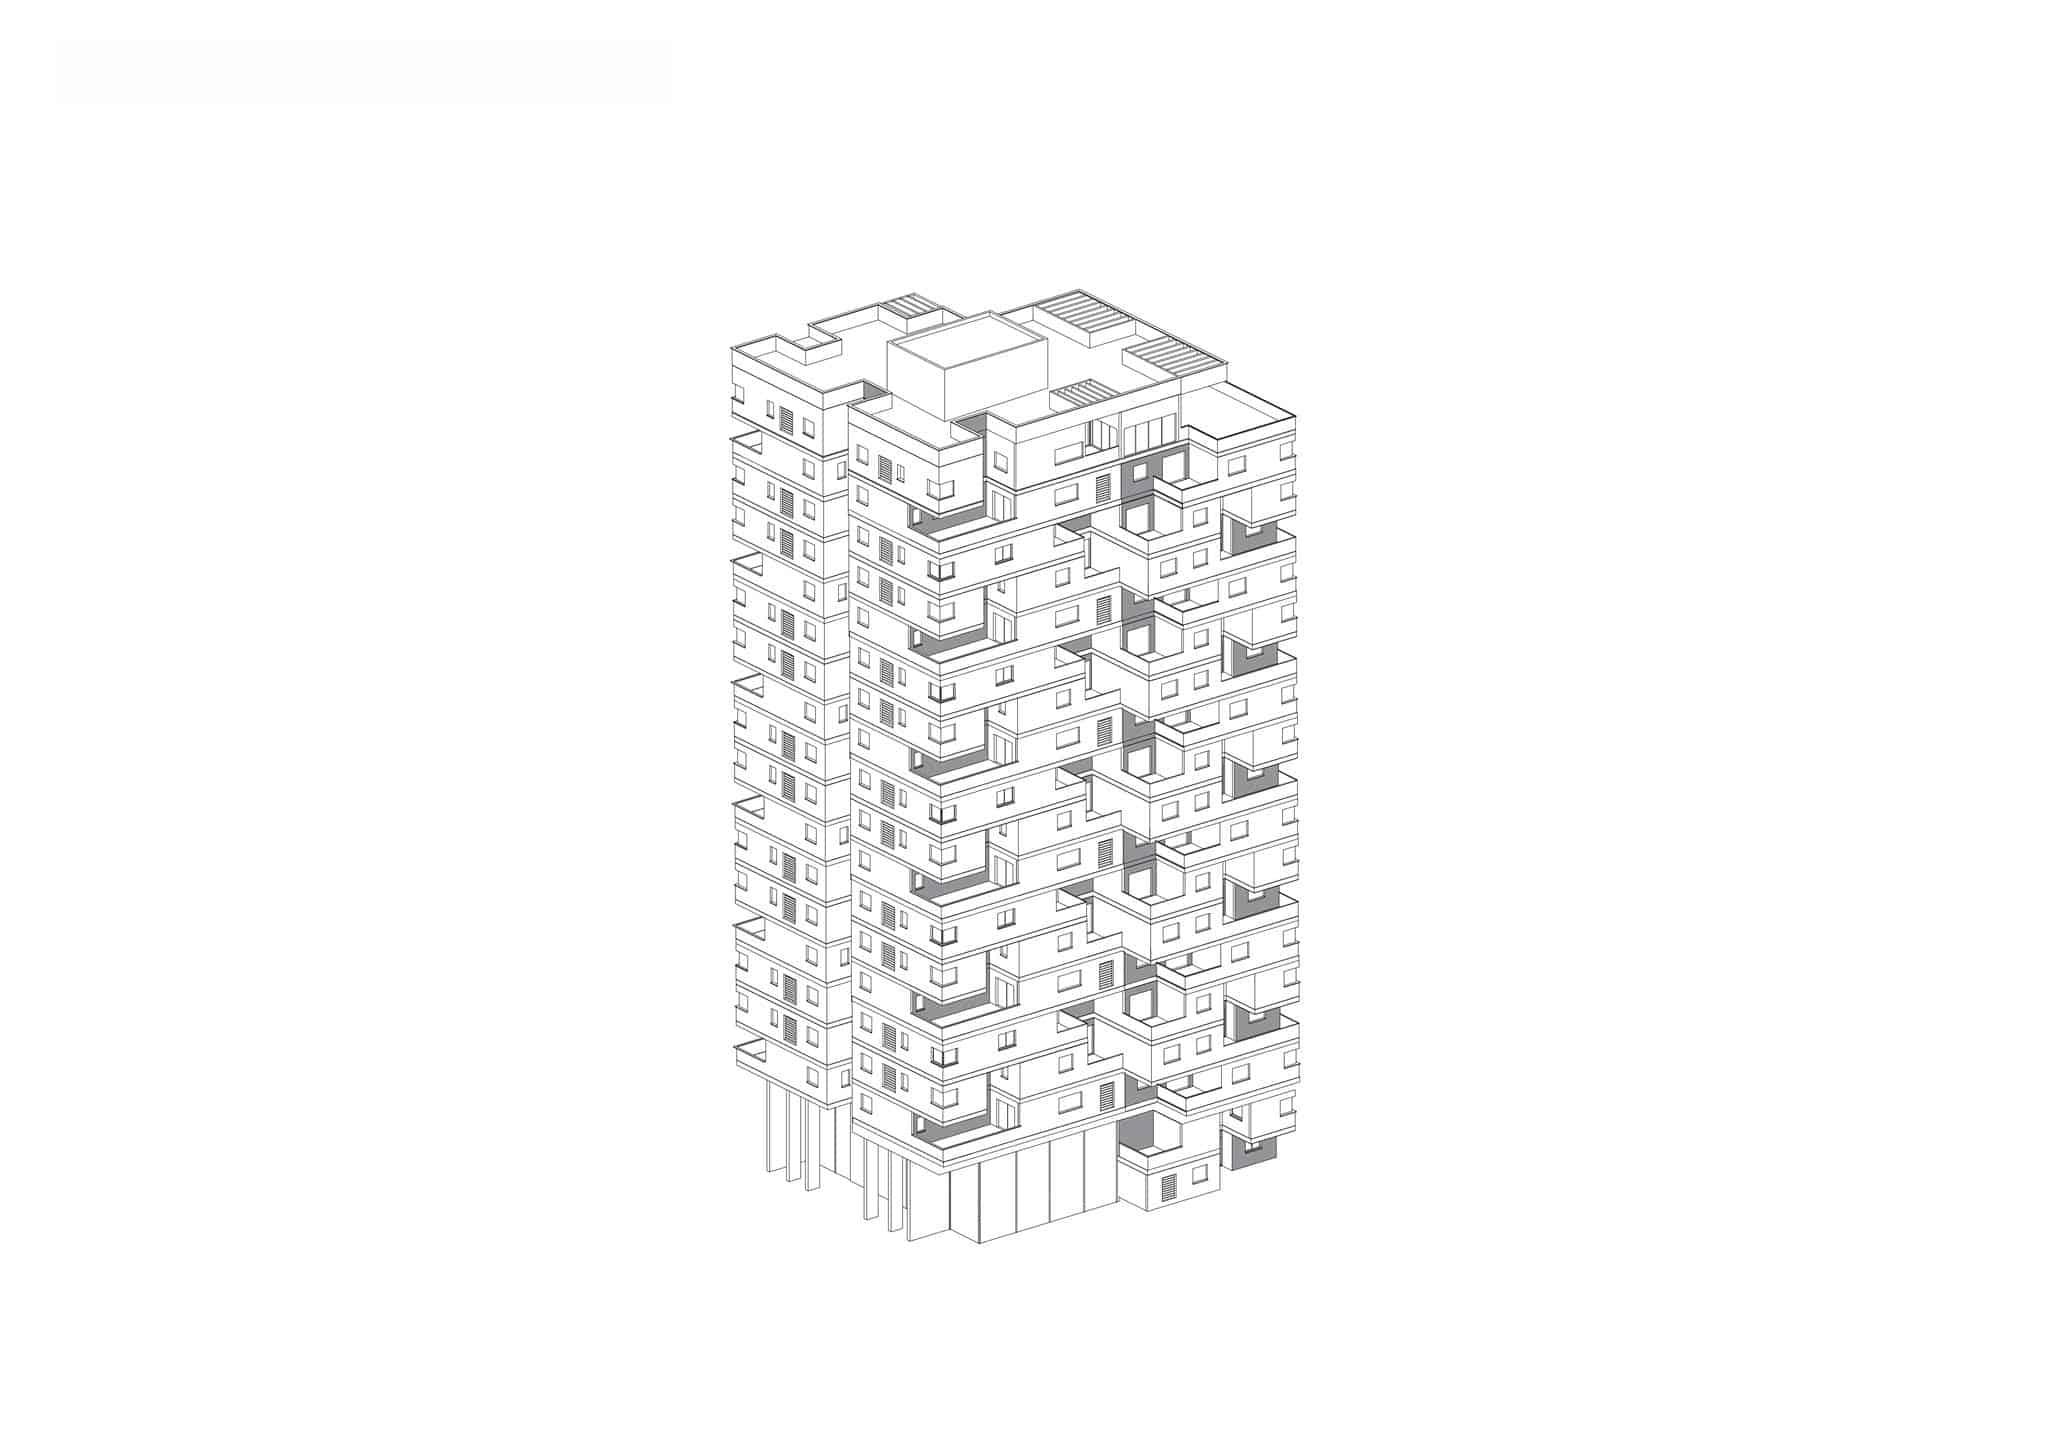 בונים מגדלי מגורים עם סקצ'אפ וזוכים בתחרויות! 11